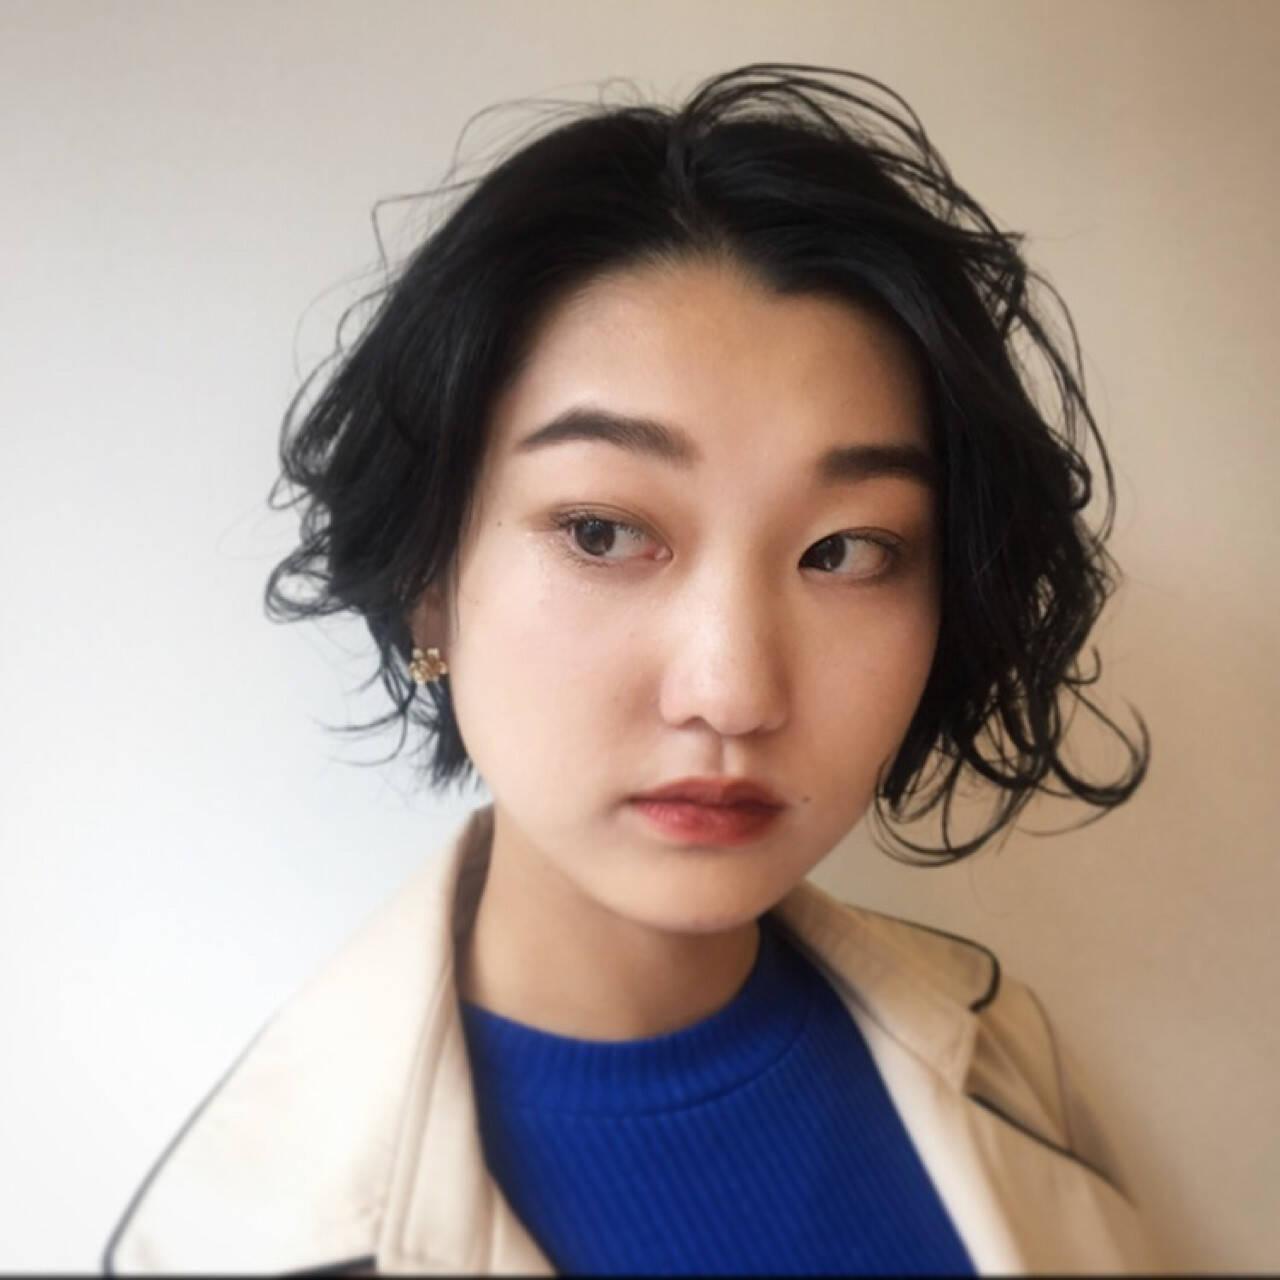 ウェットヘア パーマ ナチュラル 抜け感ヘアスタイルや髪型の写真・画像